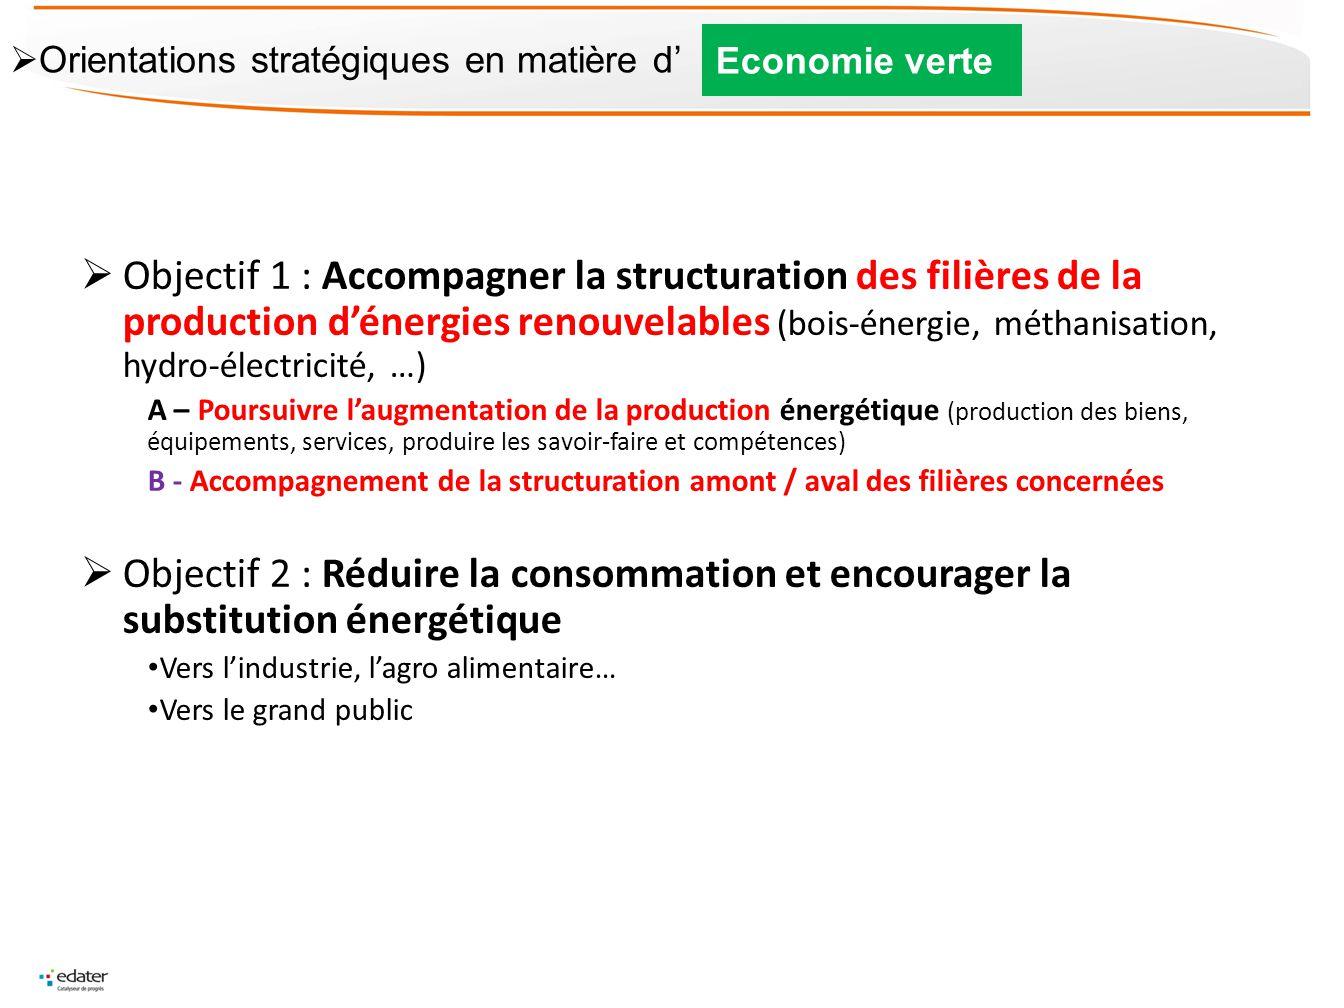 Objectif 1 : Accompagner la structuration des filières de la production dénergies renouvelables (bois-énergie, méthanisation, hydro-électricité, …) A